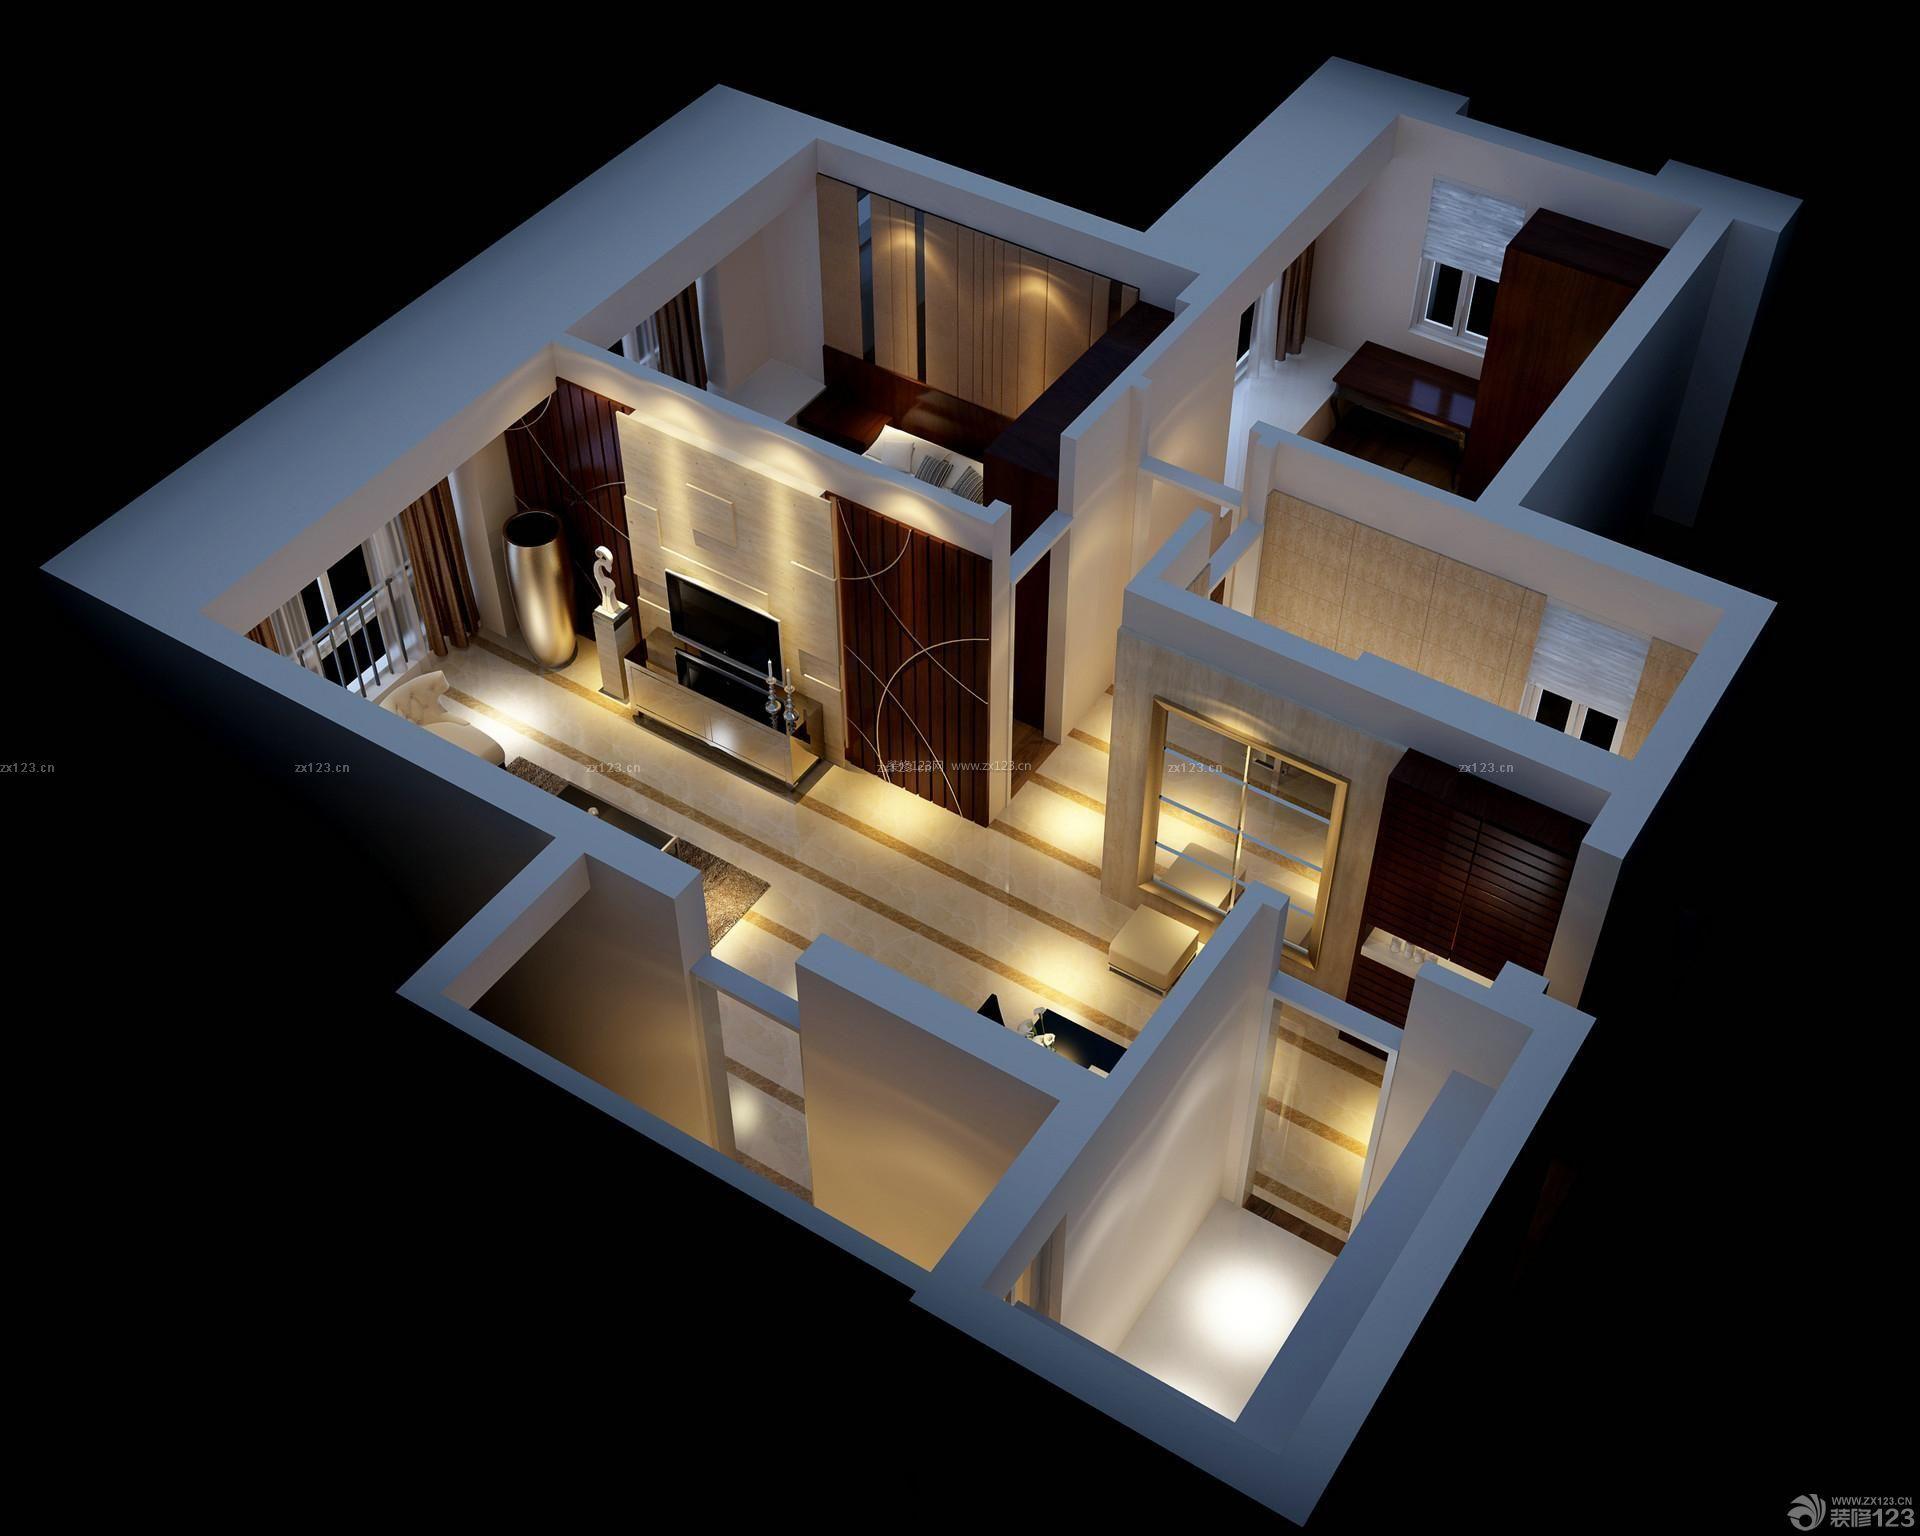 家装效果图 户型图 2014立体户型图大全 提供者